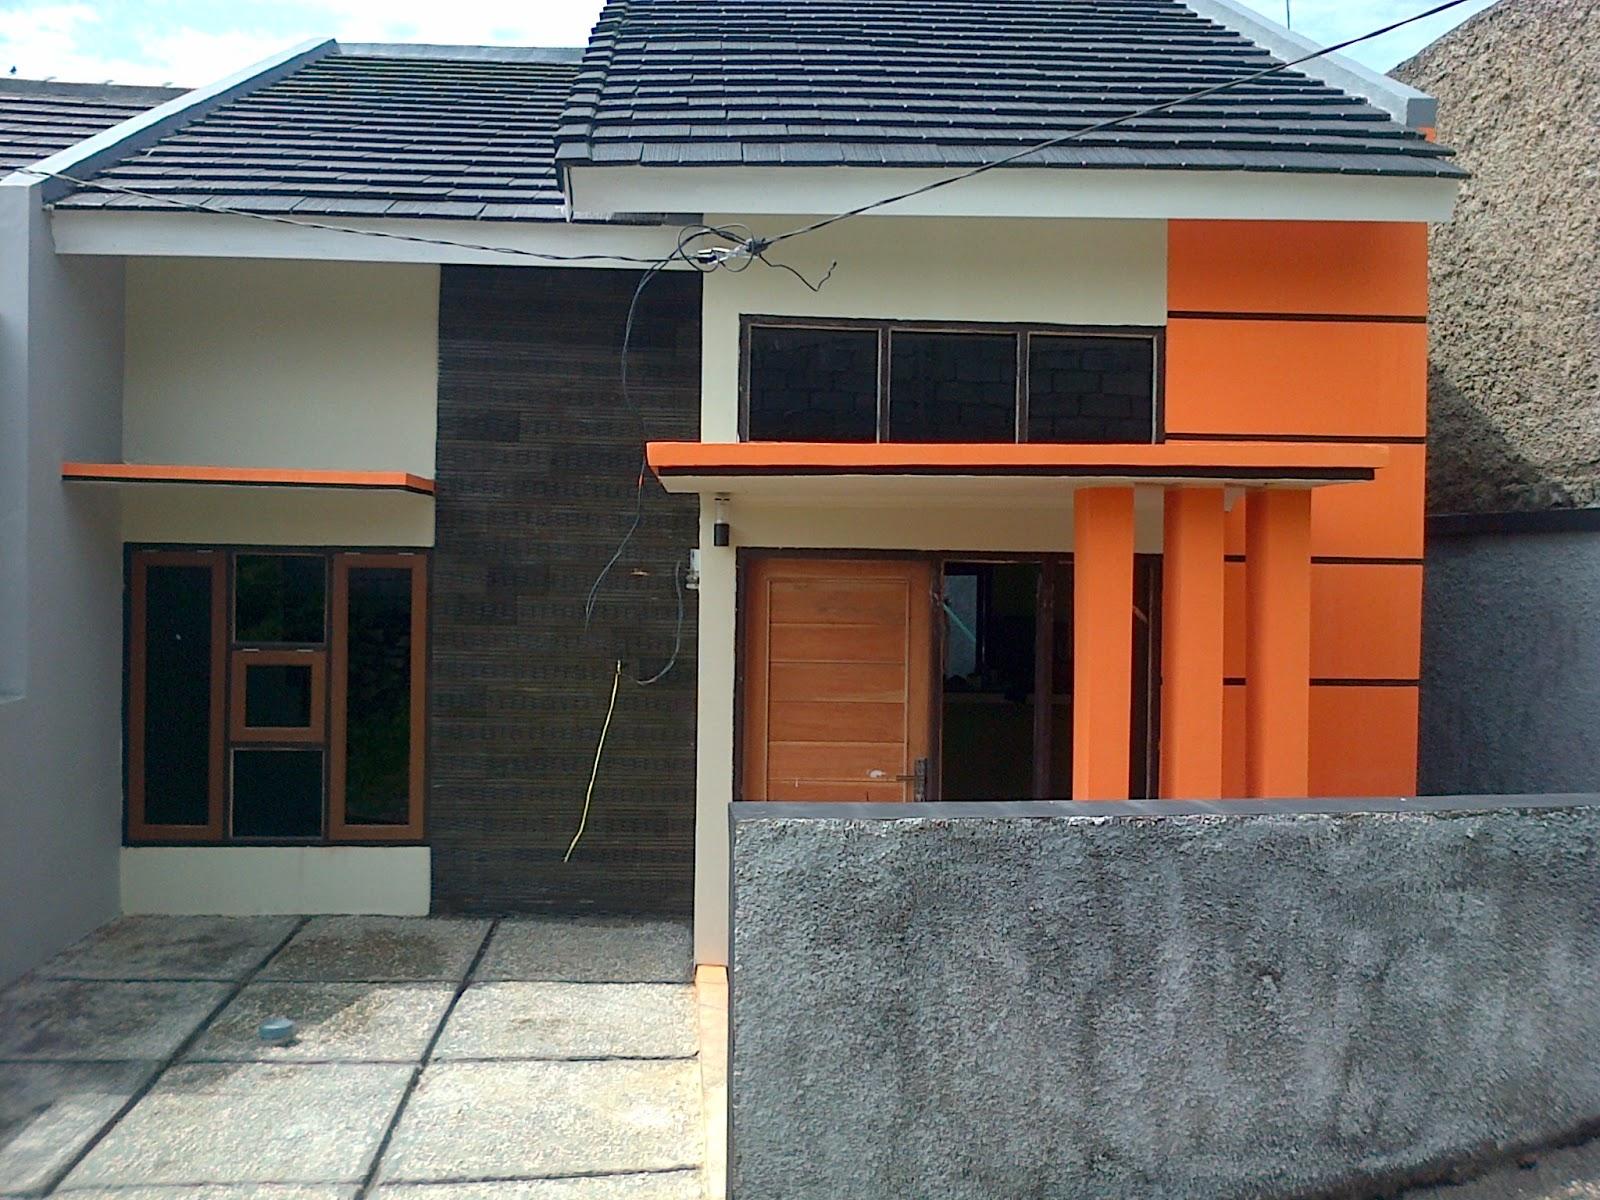 Rumah dijual di bandung, jual rumah bandung, jual rumah